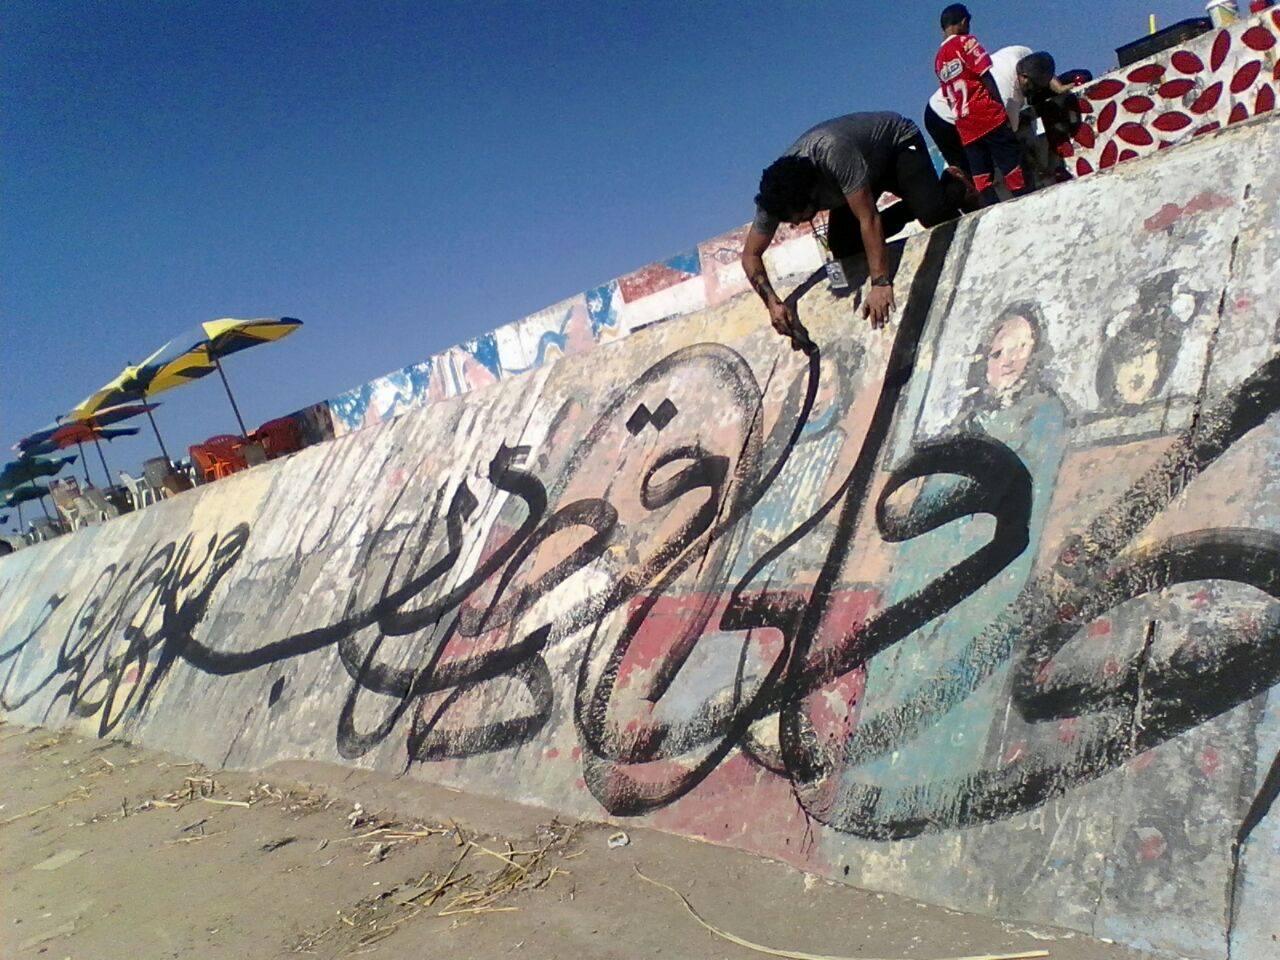 13- رسومات على جدران كوبري البرلس